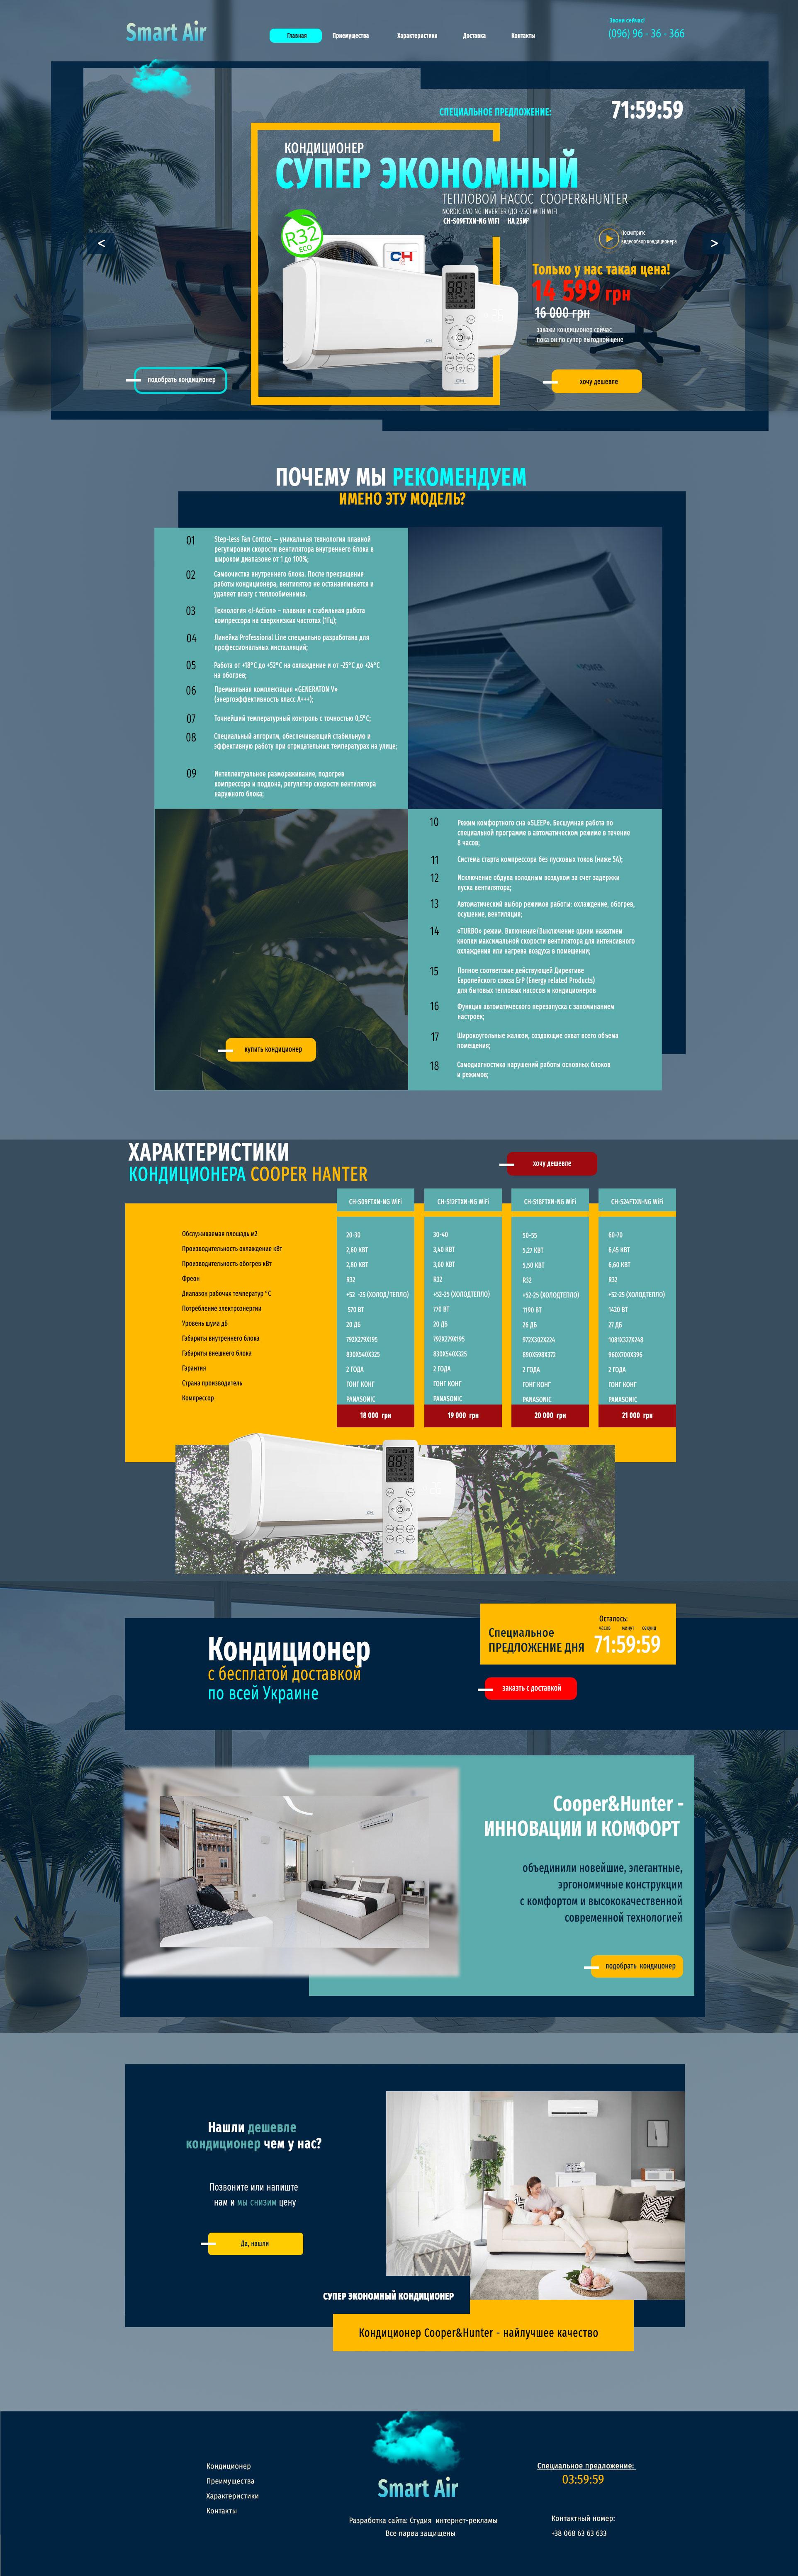 Лендинг SmartAir